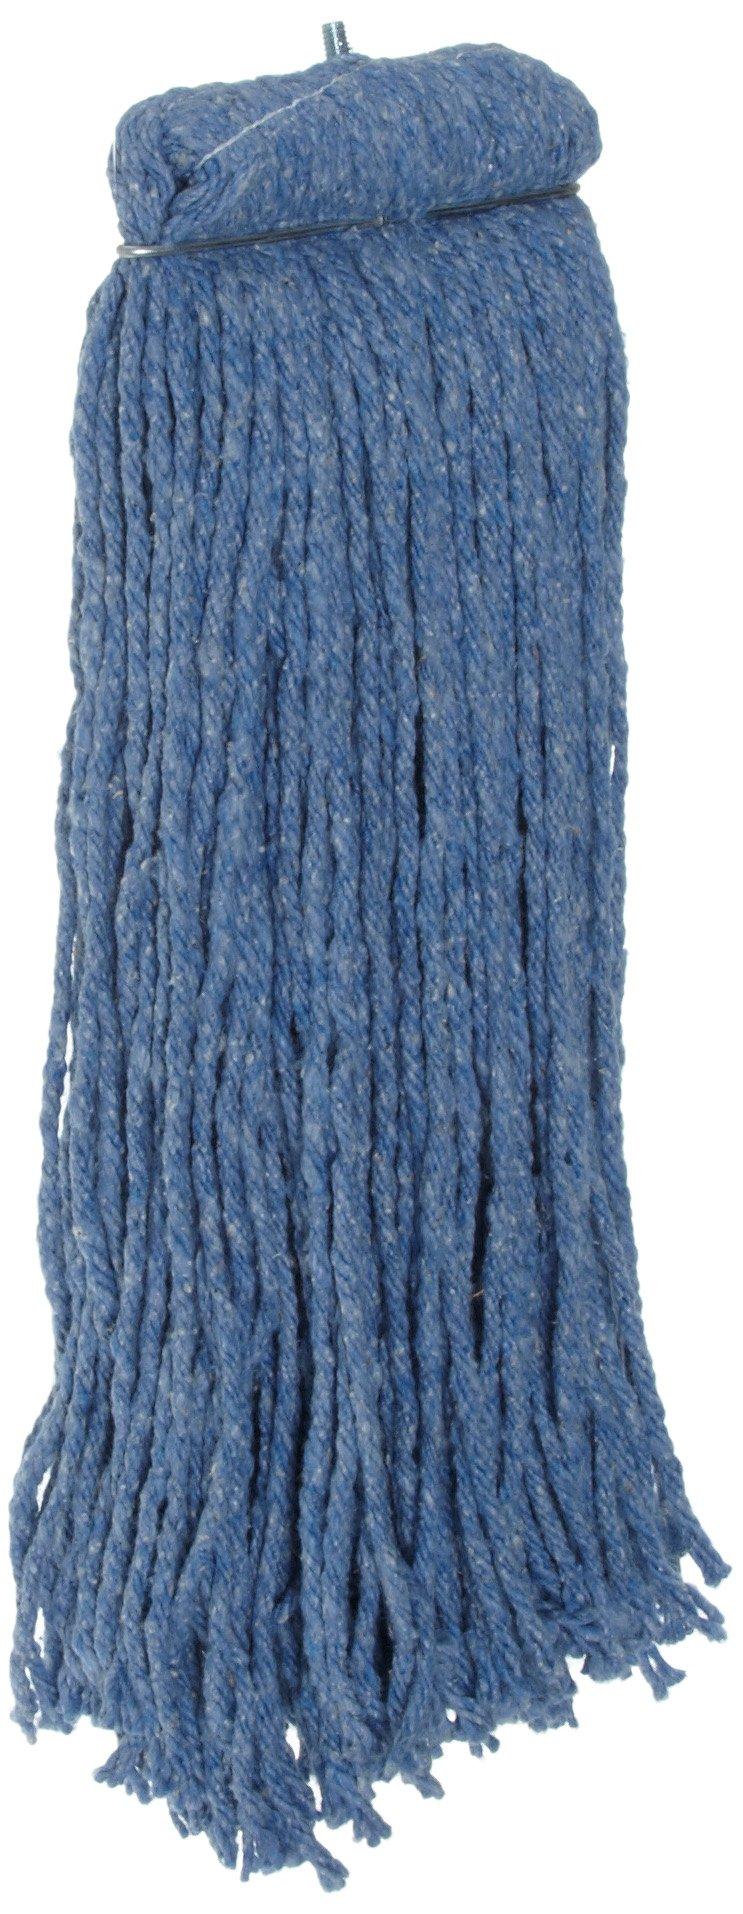 Rubbermaid Commercial Premium Bolt-On Cut-End Blend Mop, 20-Ounce Size, Blue (FGF56700BL00)